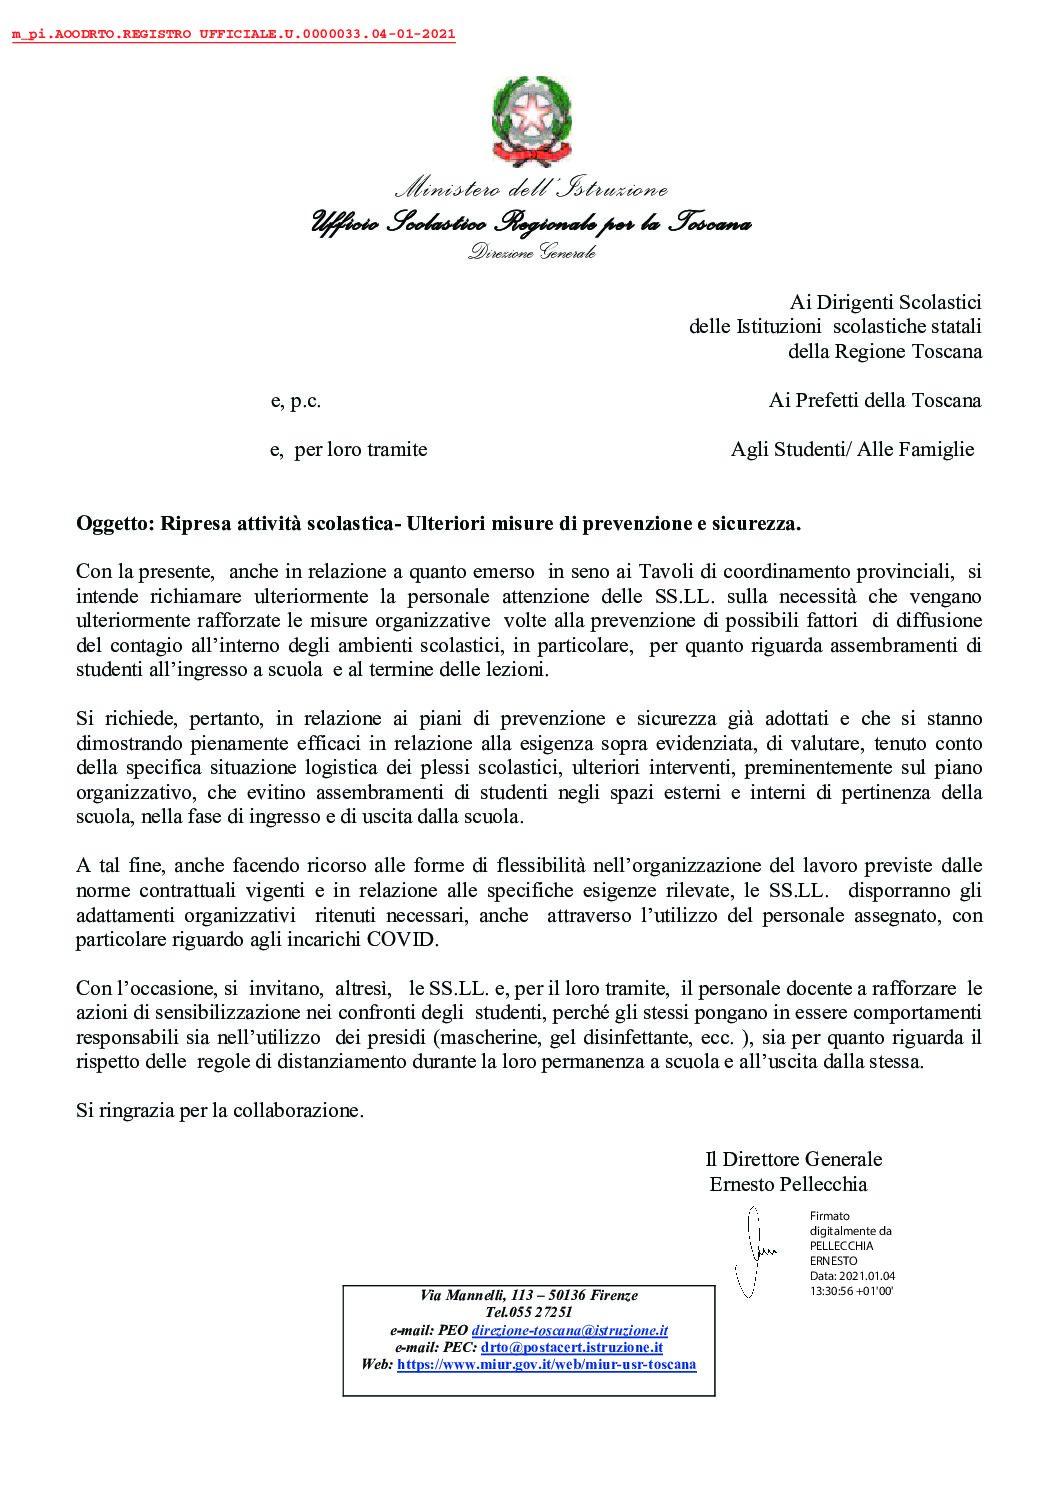 Nota dell'USR della Toscana:Ripresa attività scolastica- Ulteriori misure di prevenzione e sicurezza